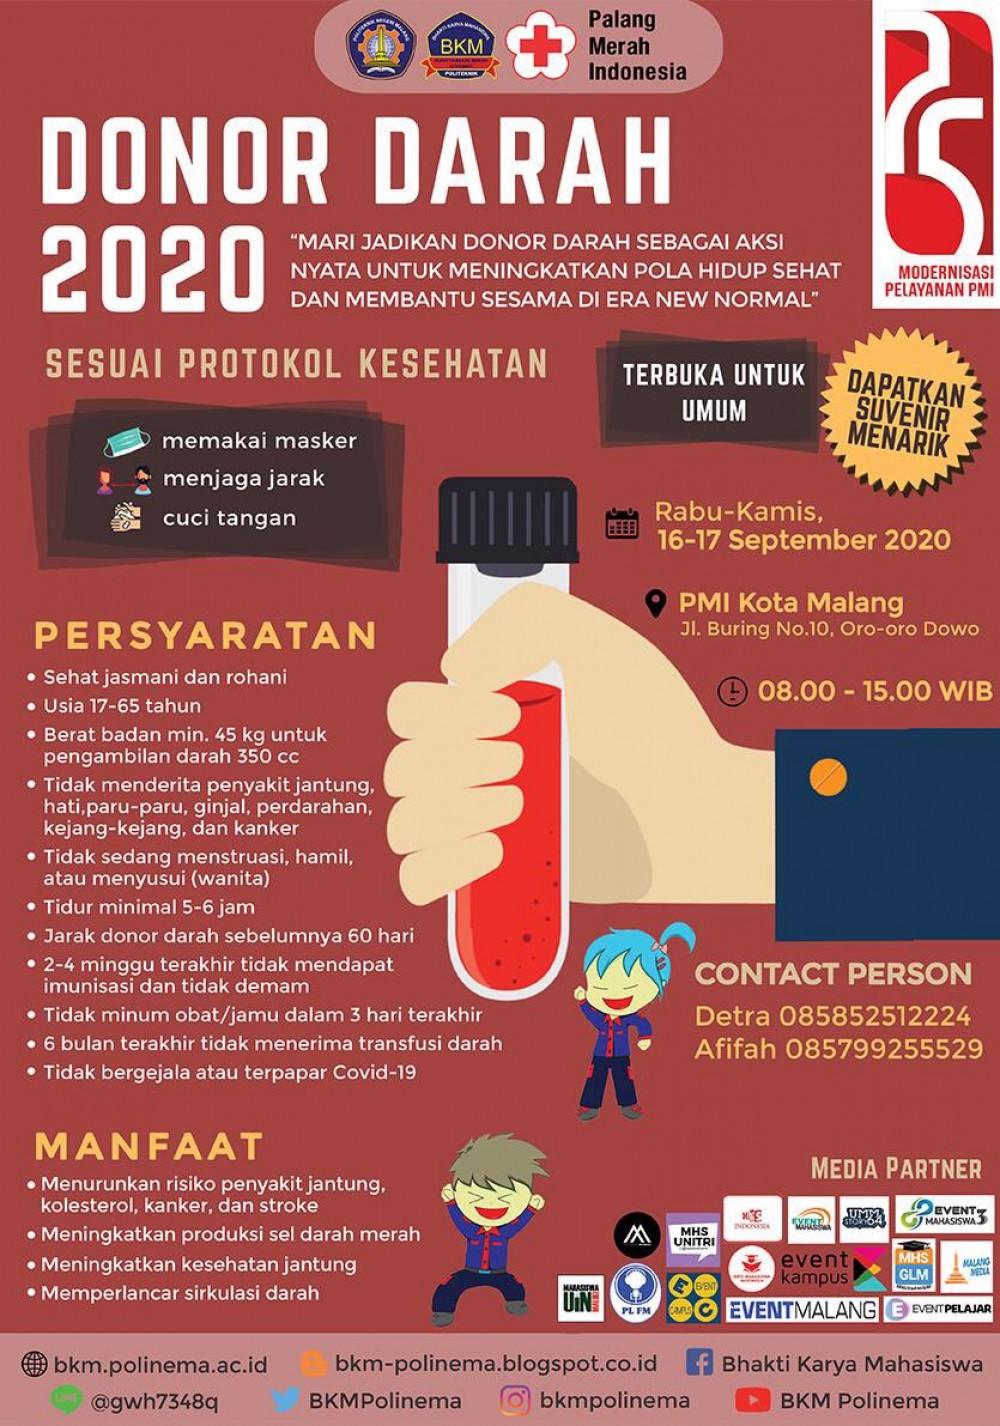 Donor Darah PMI Kota Malang